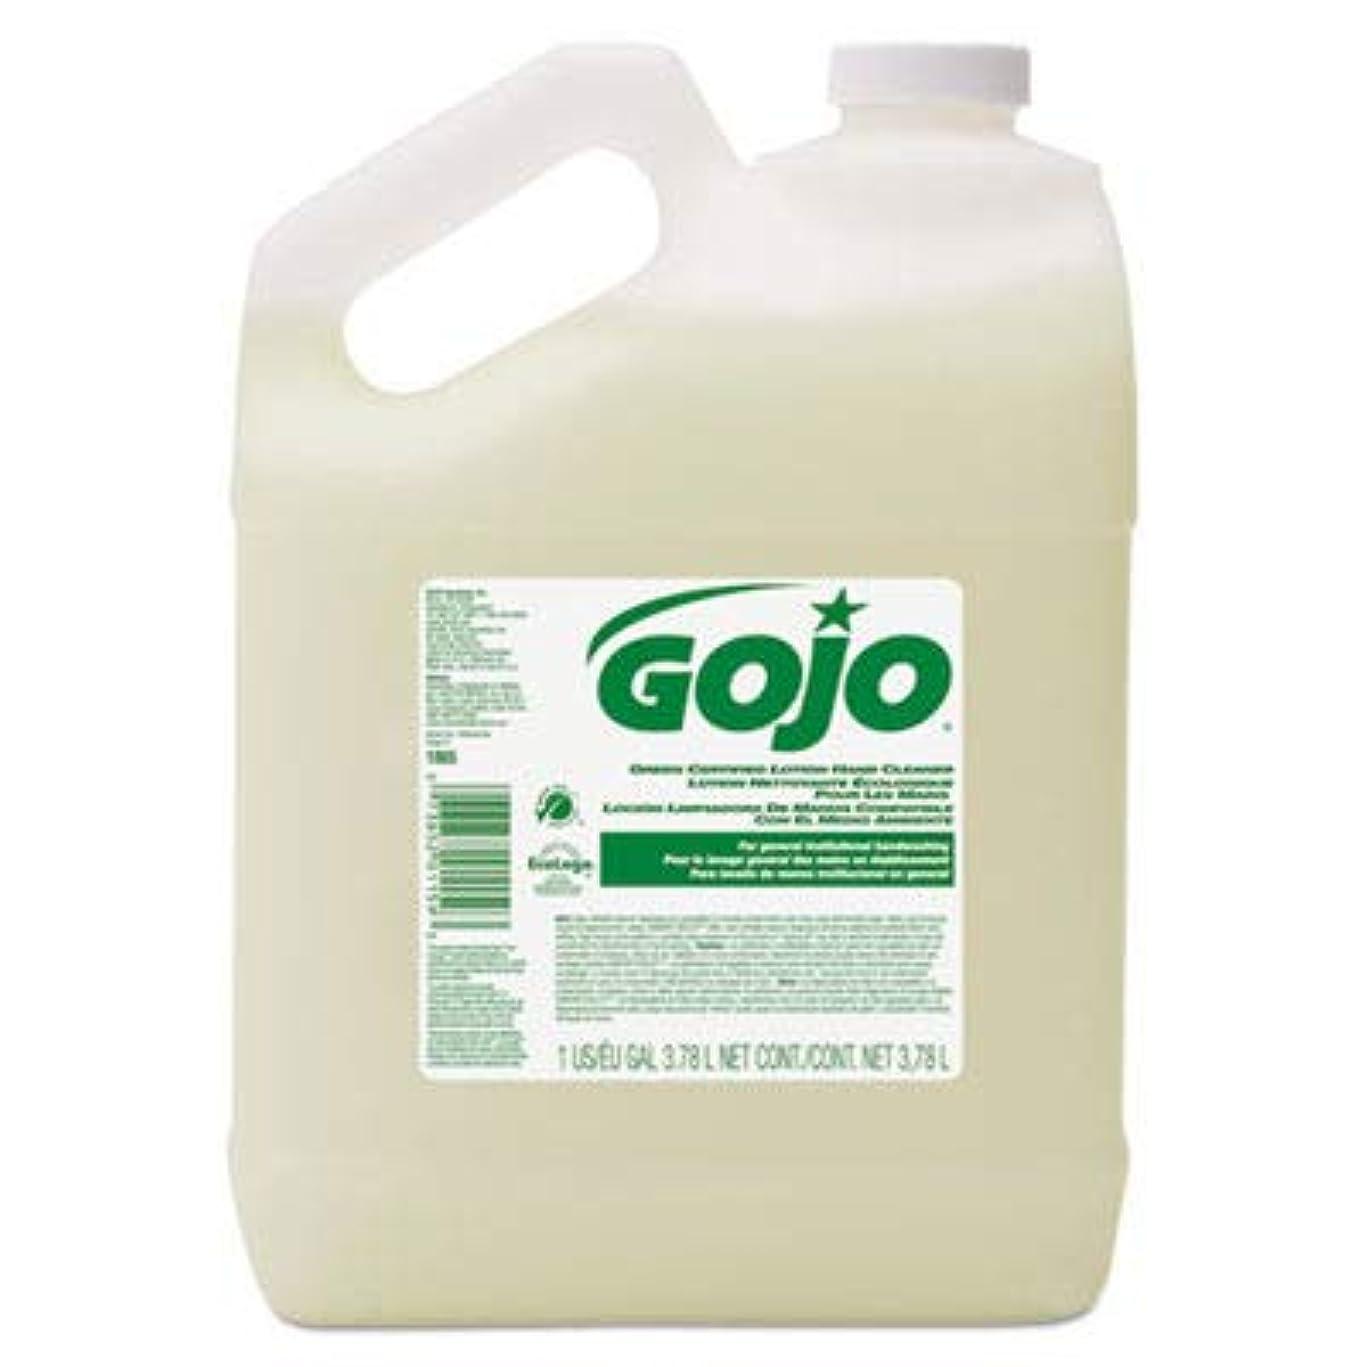 冷ややかな問い合わせるメッセージgoj186504 – グリーン認定ローションハンドクリーナー、1ガロンボトル、花柄香り